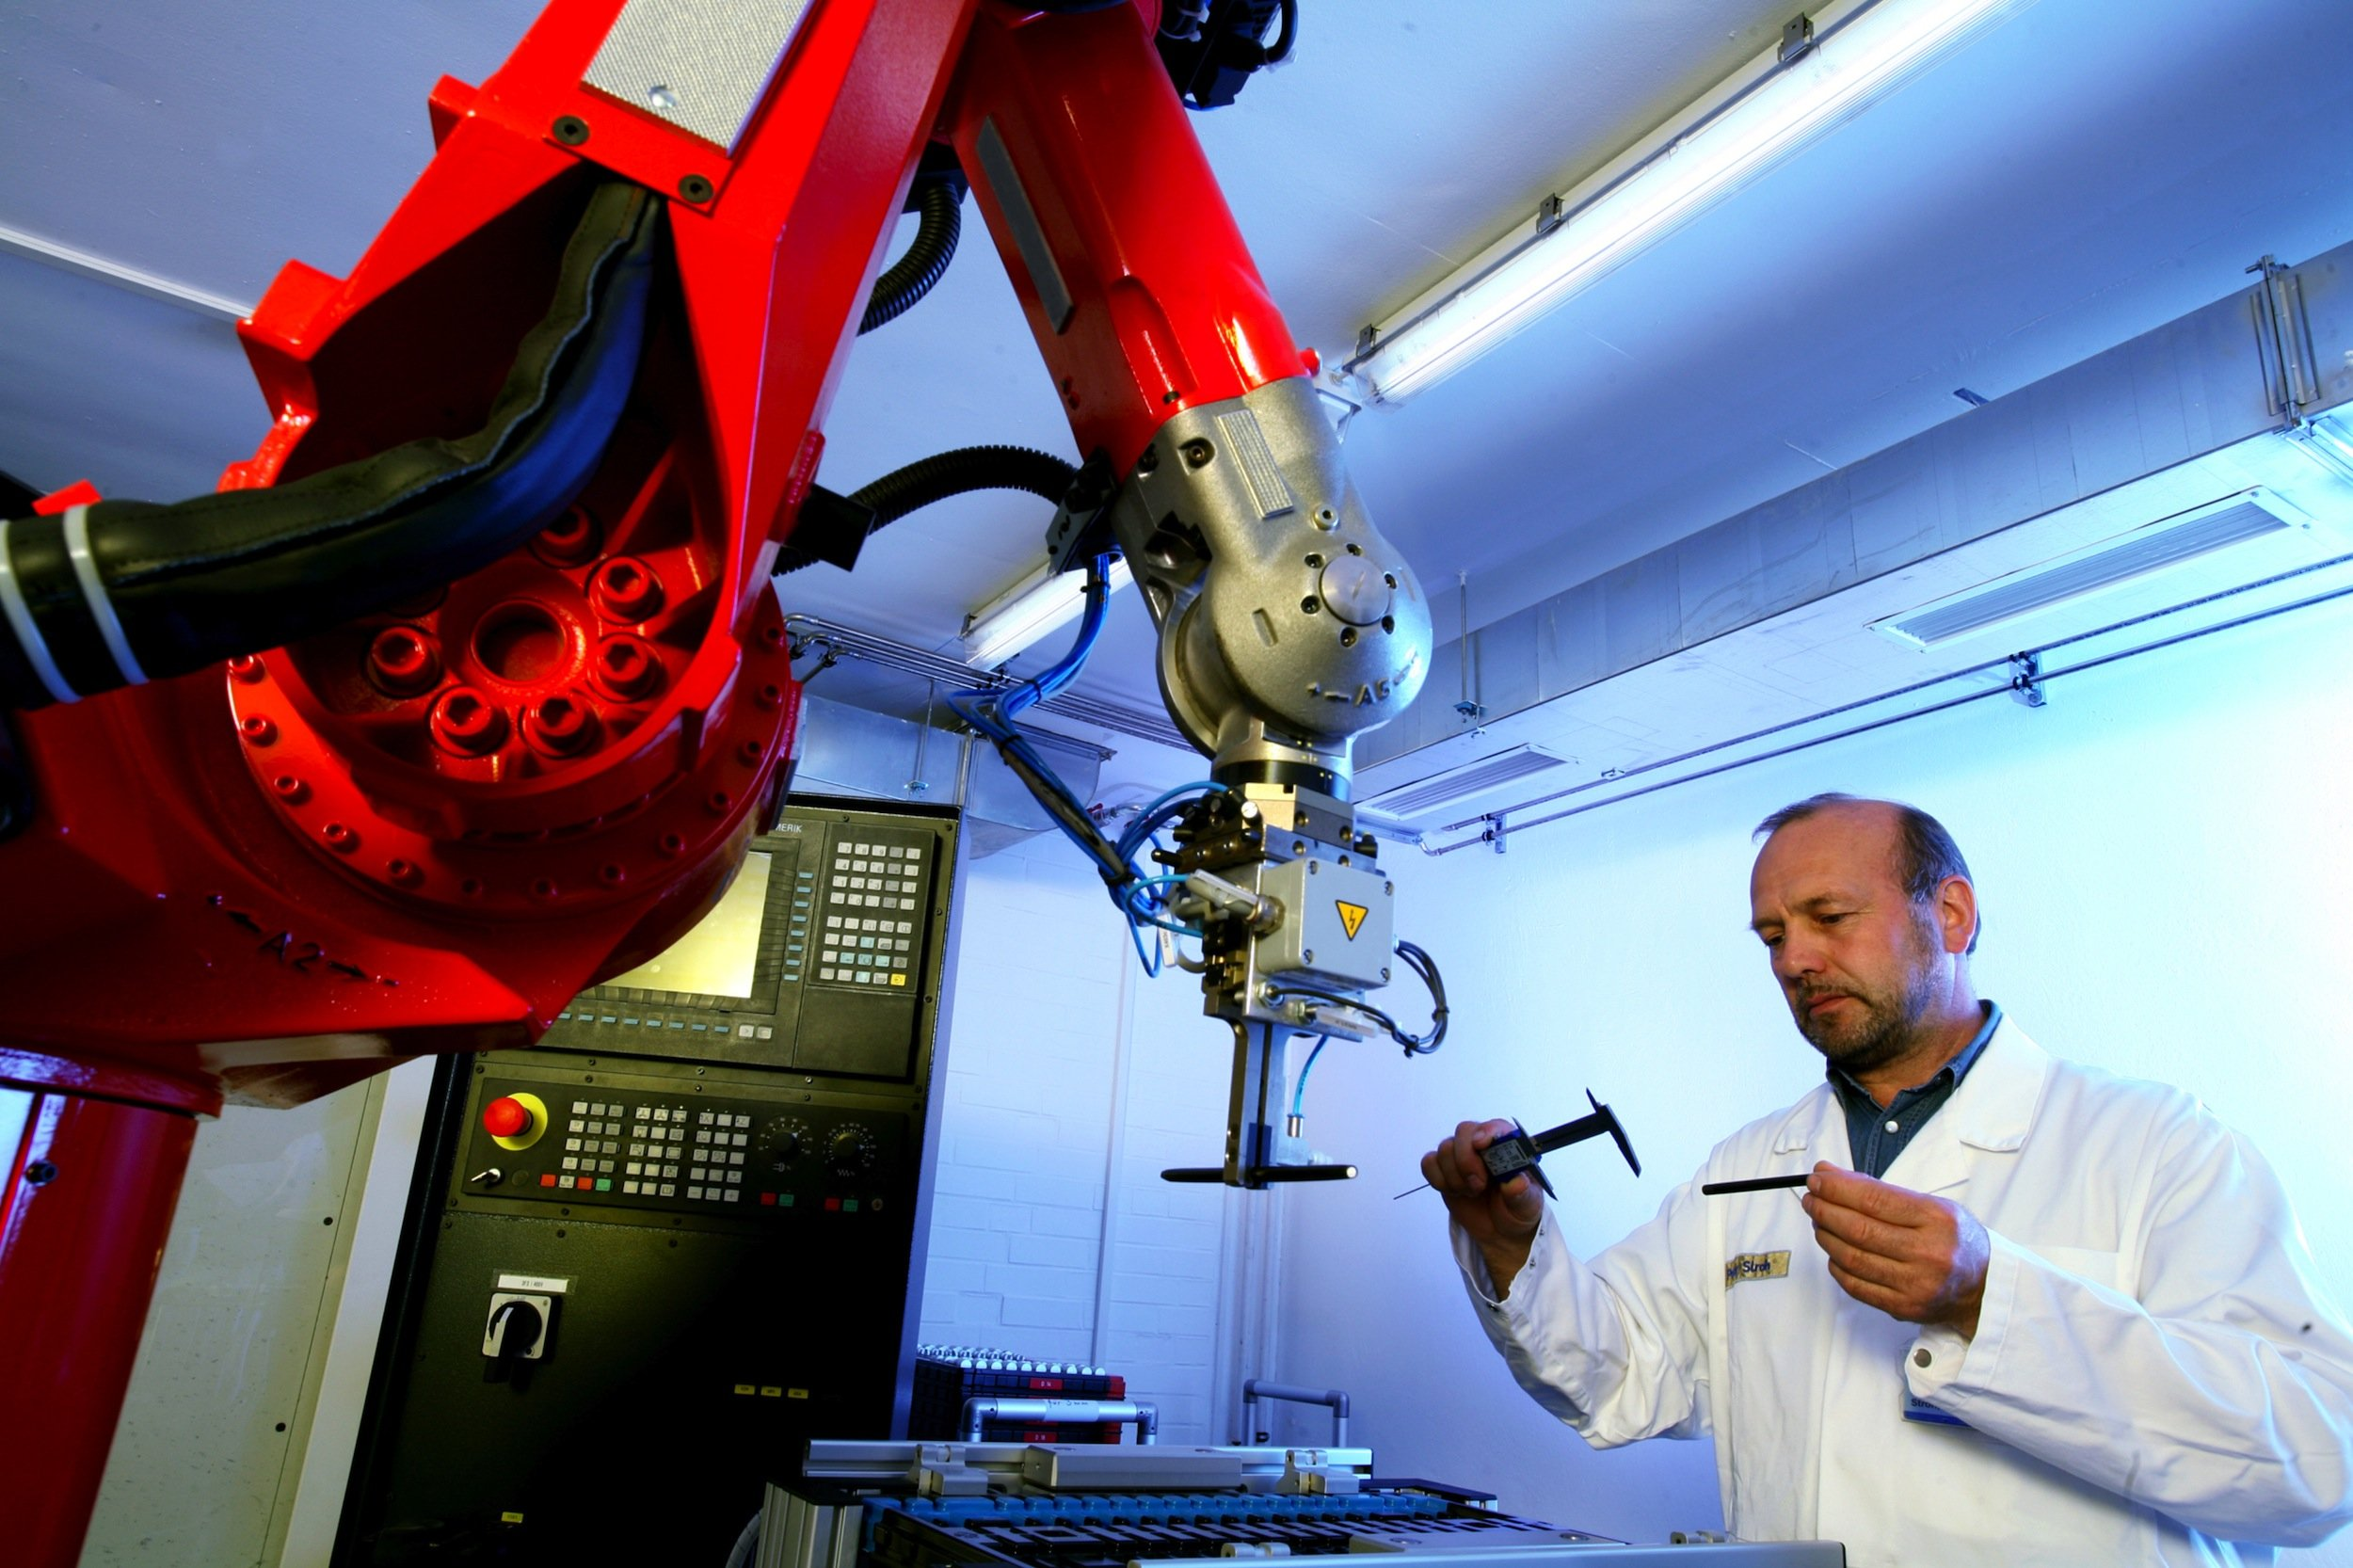 Produktion von Chromolith-Säulen bei Merck in Darmstadt: Der Konzern übernimmt für17 Milliarden Dollar den Pharmakonzern Merck den US-Laborausrüster Sigma-Aldrich.